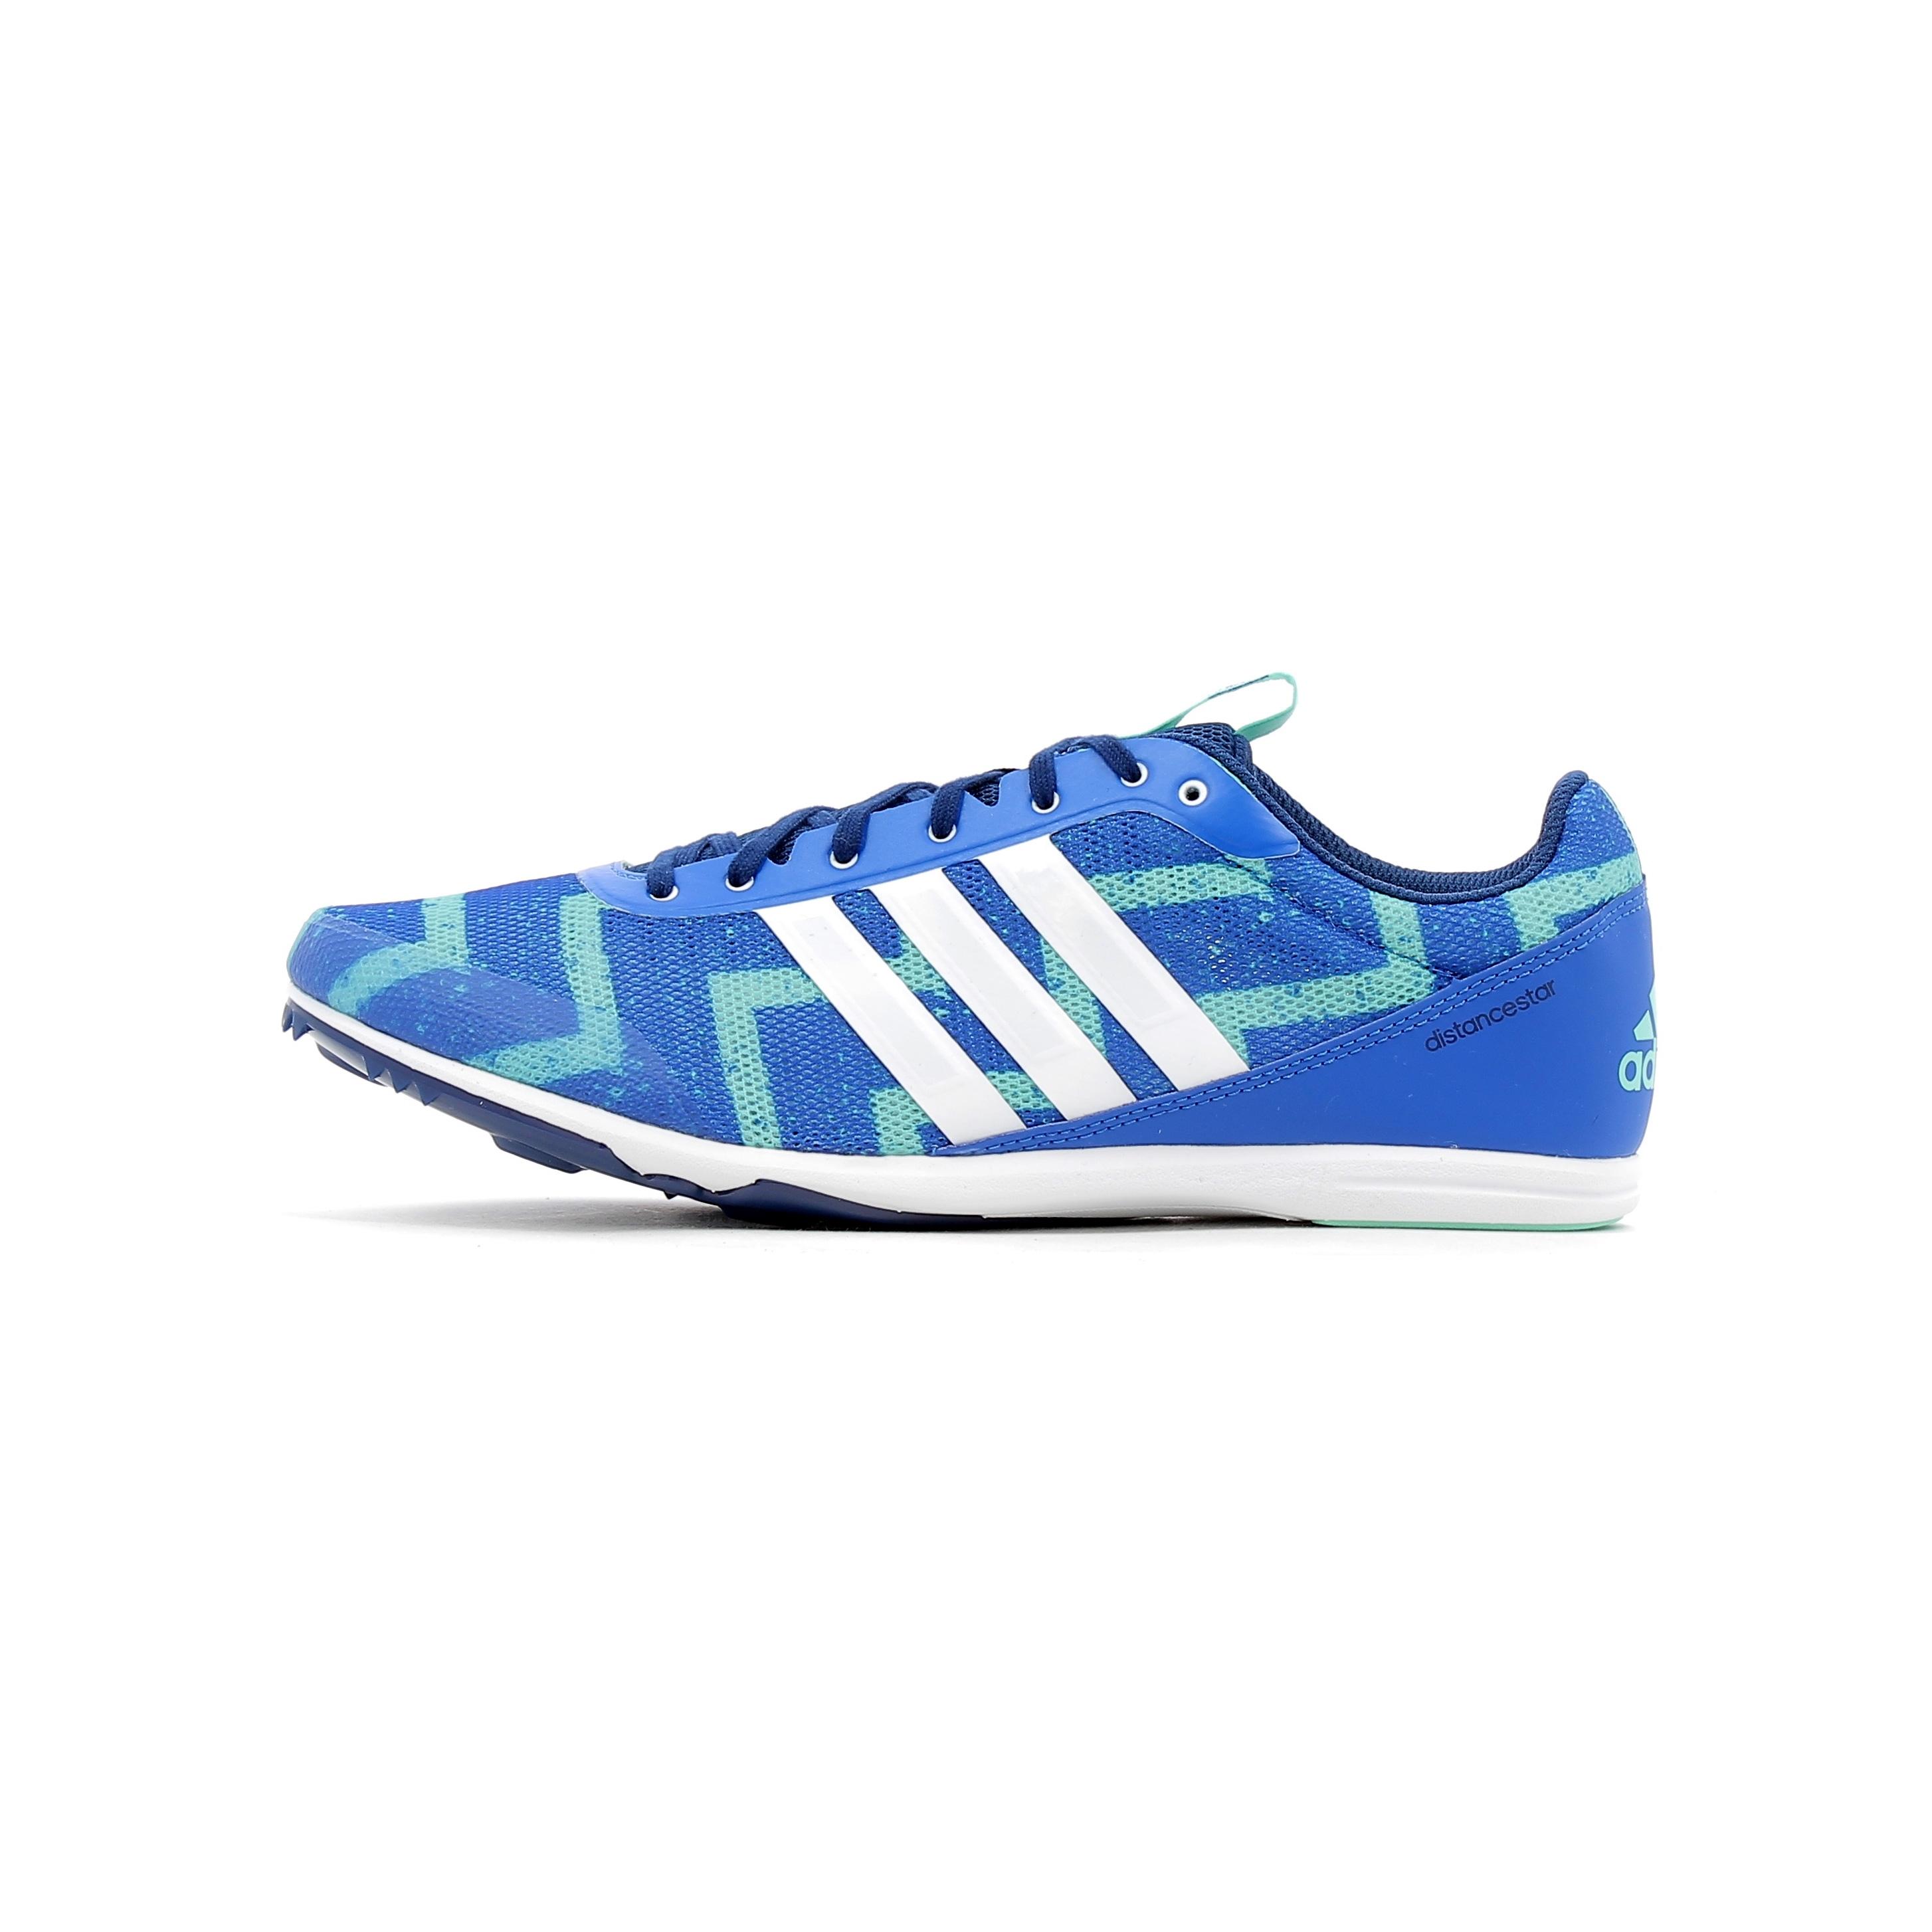 timeless design d95c7 ef512 Chaussures dAthlétisme adidas running Distancestar Bleu